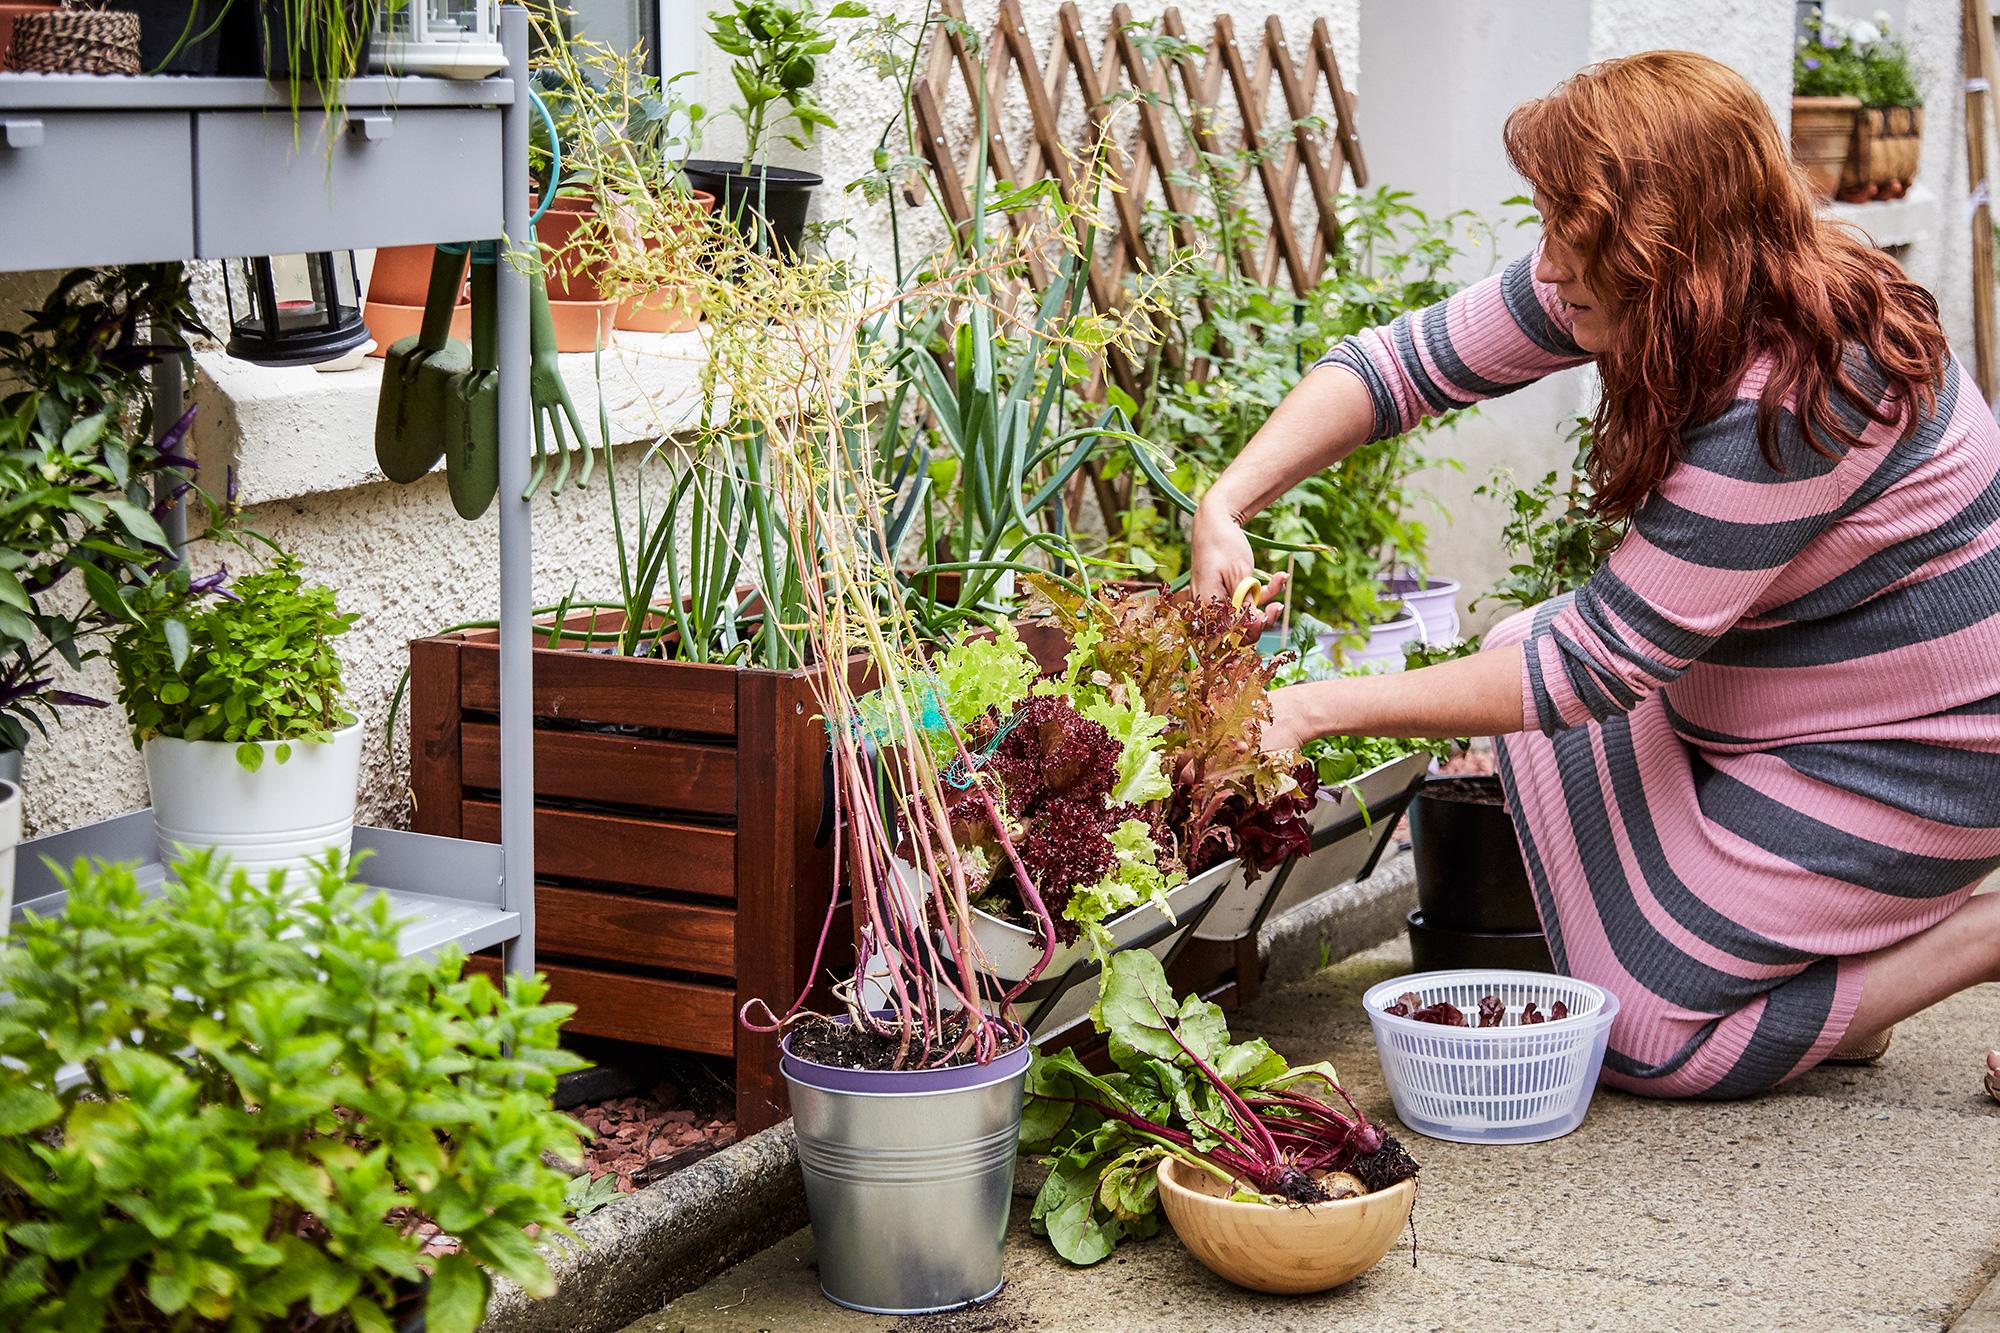 Niech żyje zrównoważony dom  – praktyczne wskazówki od IKEA dla każdego